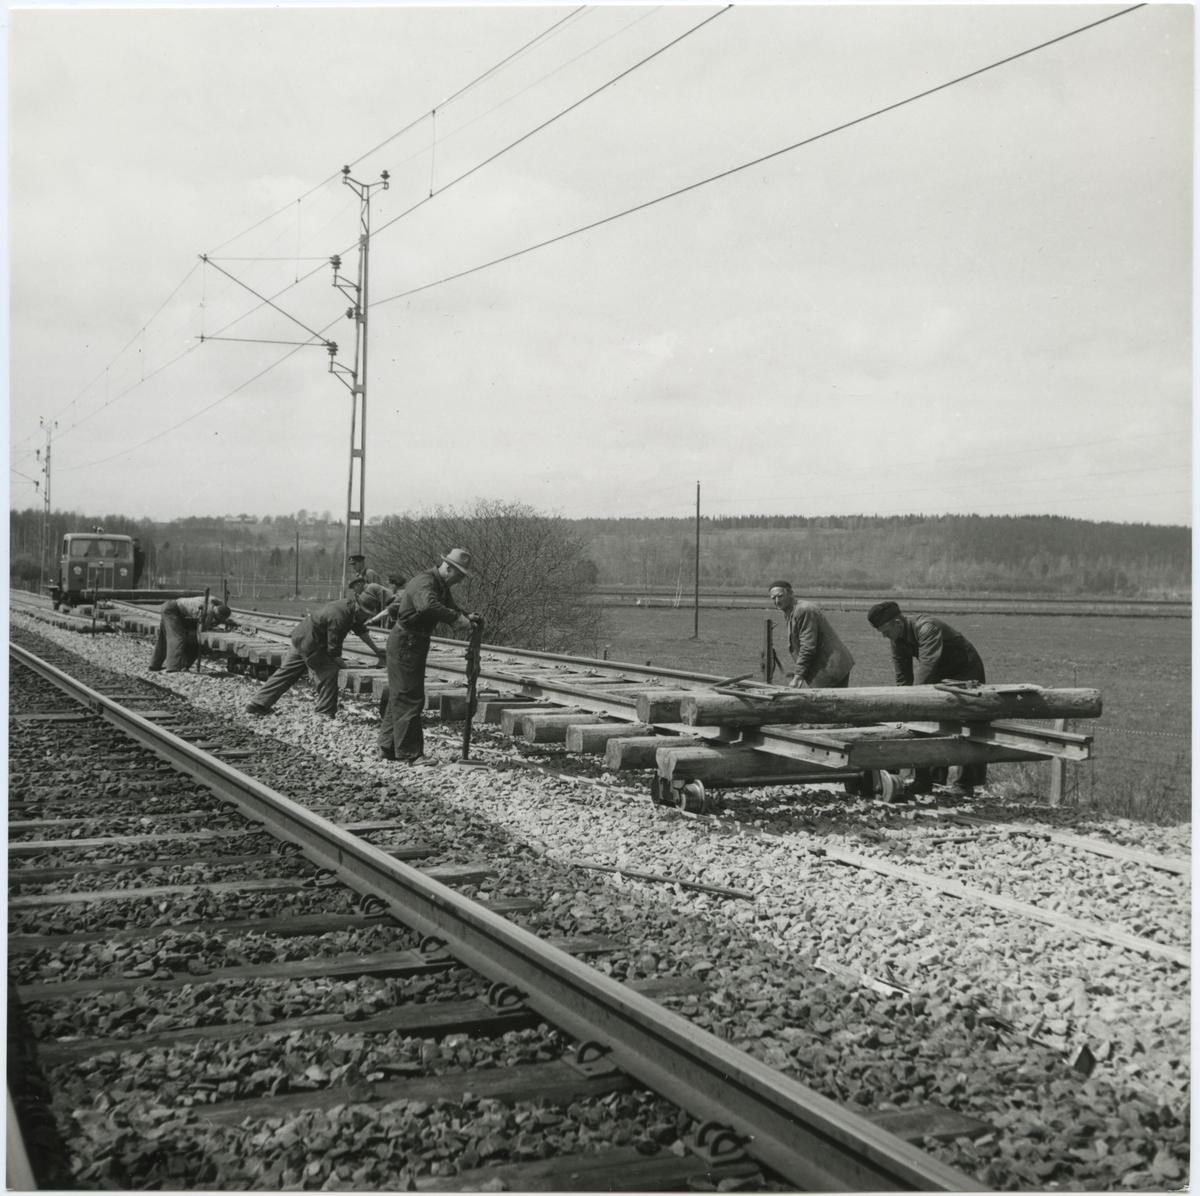 Banläggning för dubbelspår, på sträckan Tranås - Gripenberg.